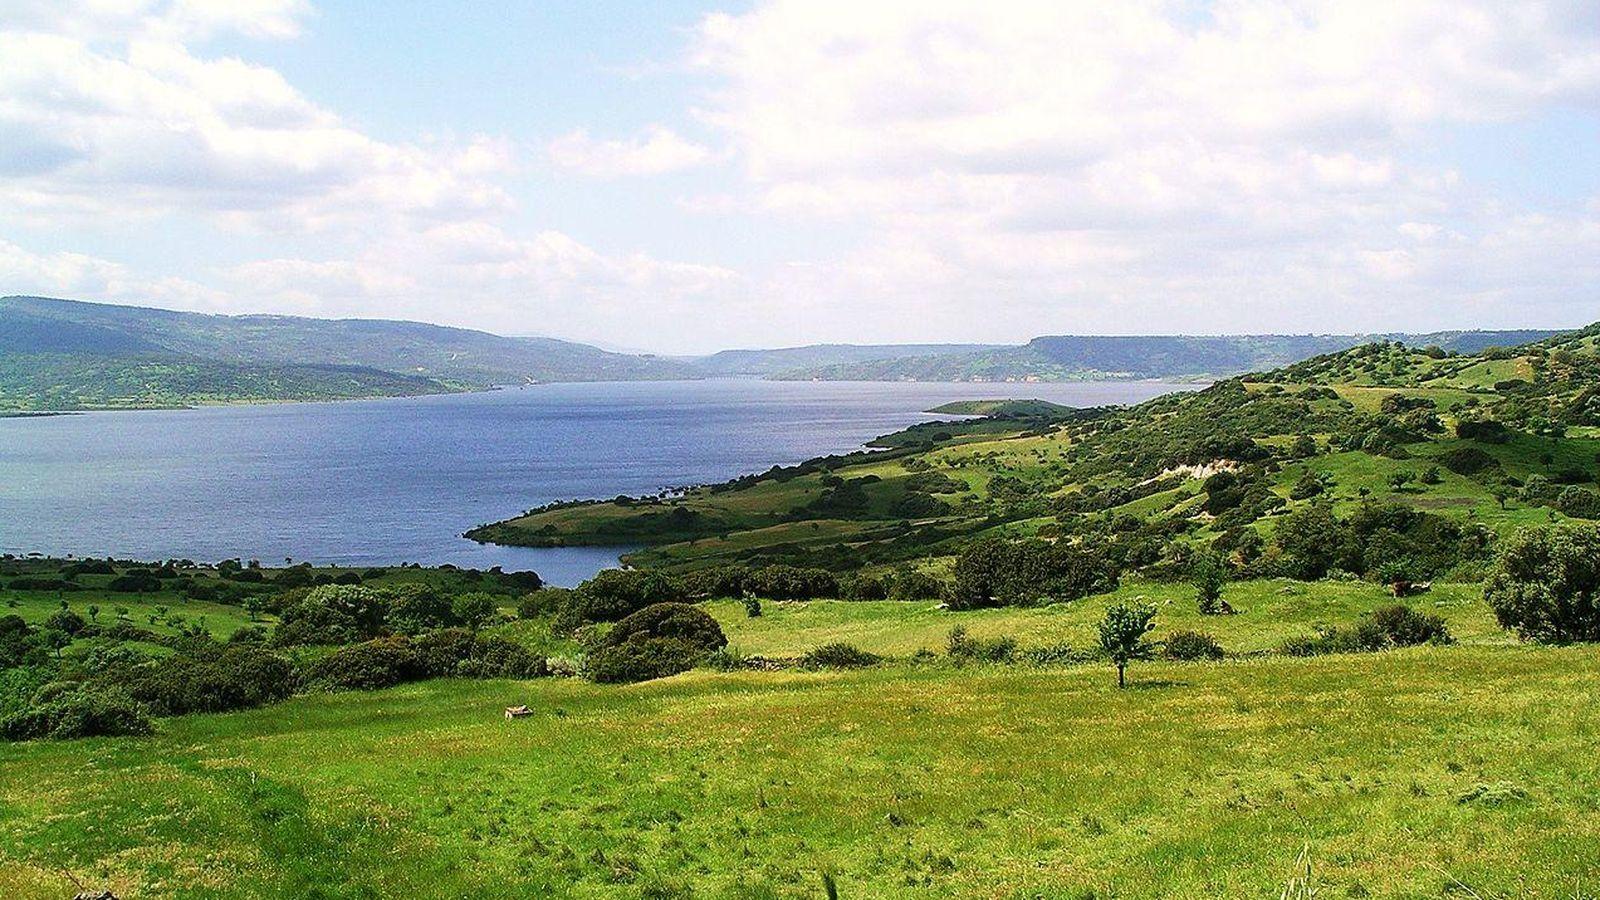 Foto: El lago Omodeo es la reserva natural más grande de Italia. (CC/Max.oppo)